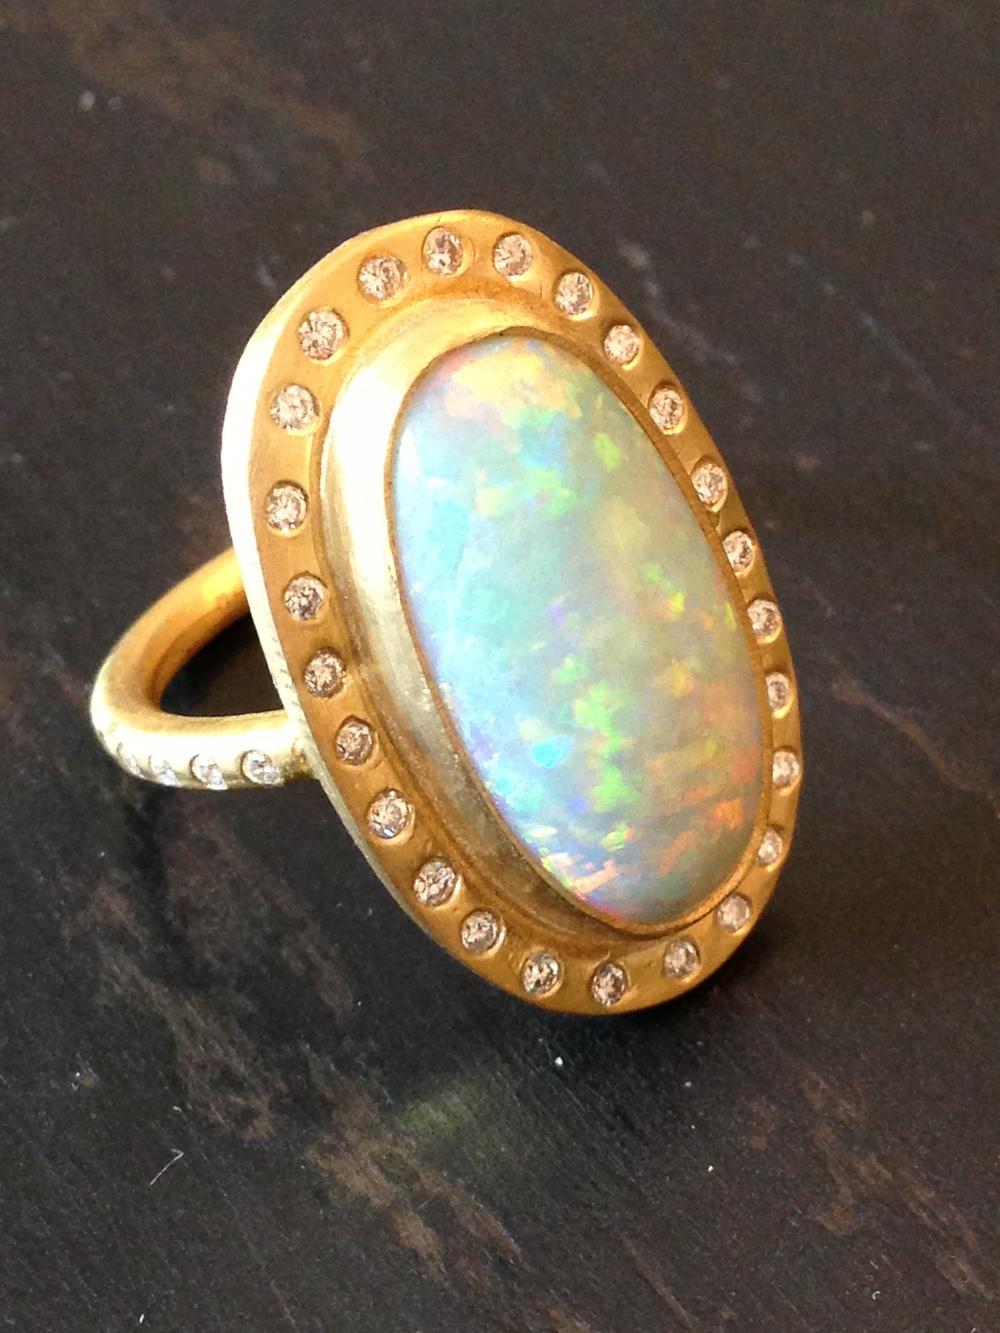 et opal ring.jpg